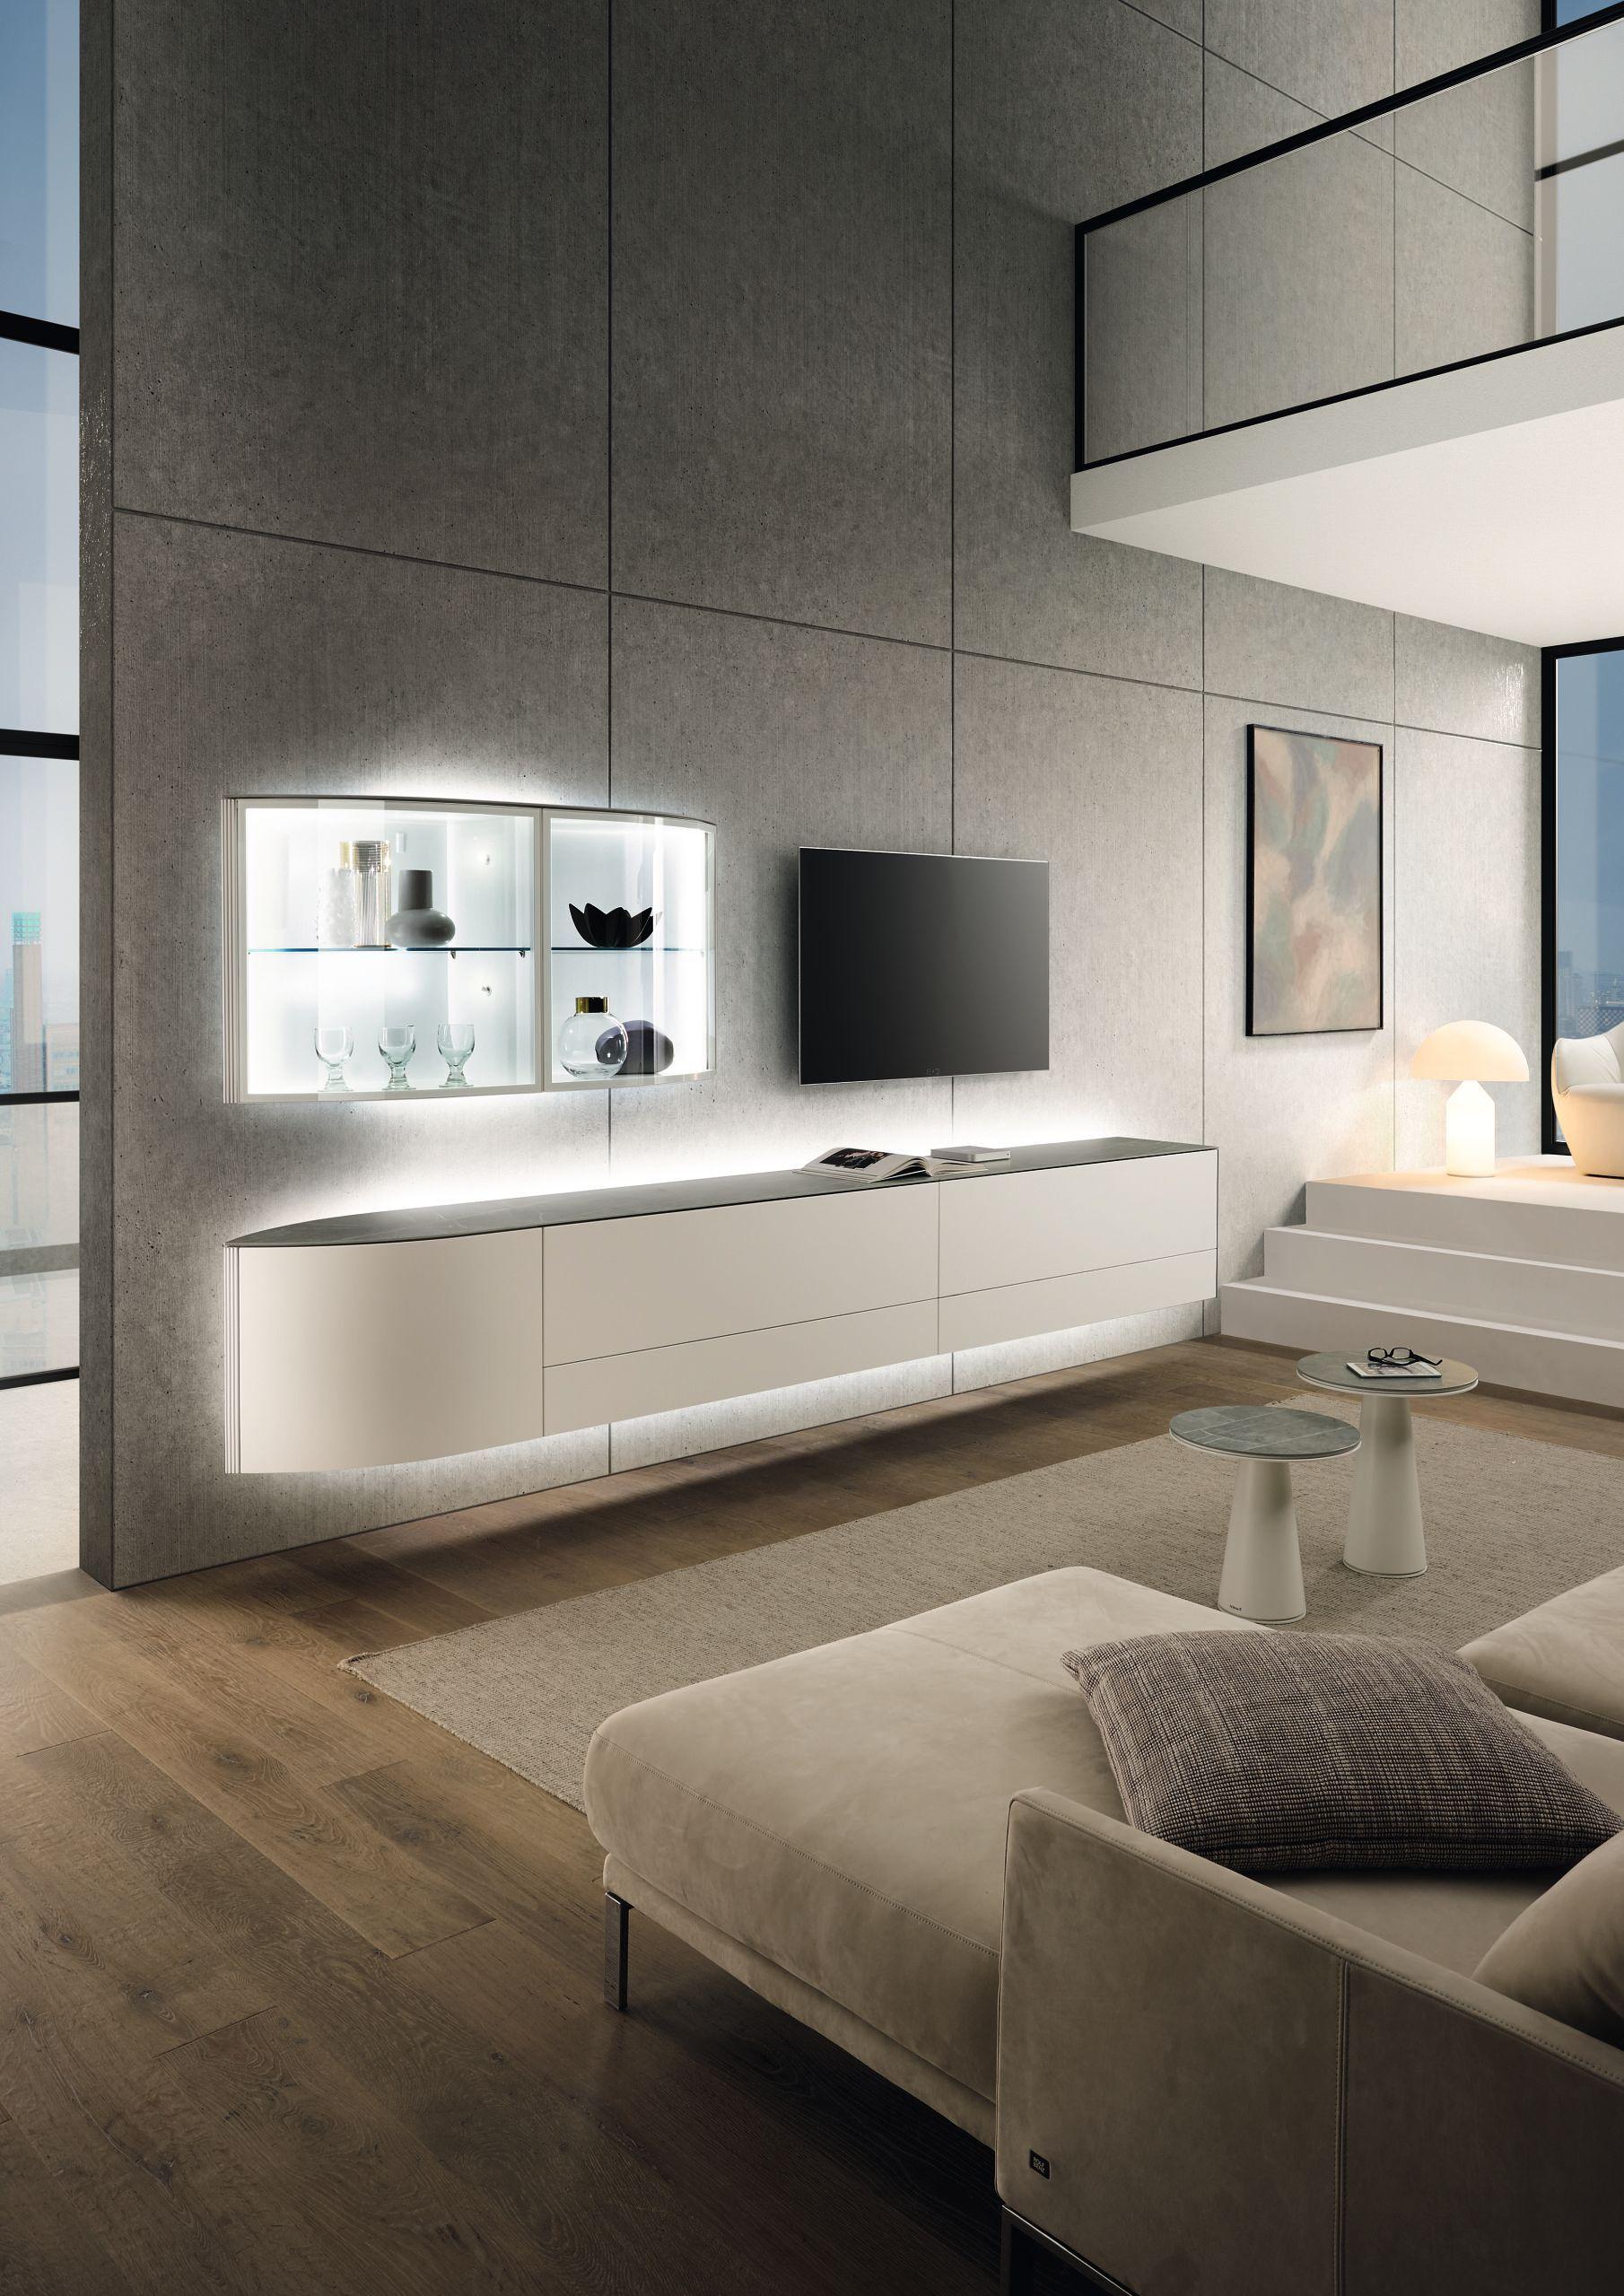 Wohnwand HÜLSTA Navis in 9  Wohnwand modern, Hülsta wohnzimmer